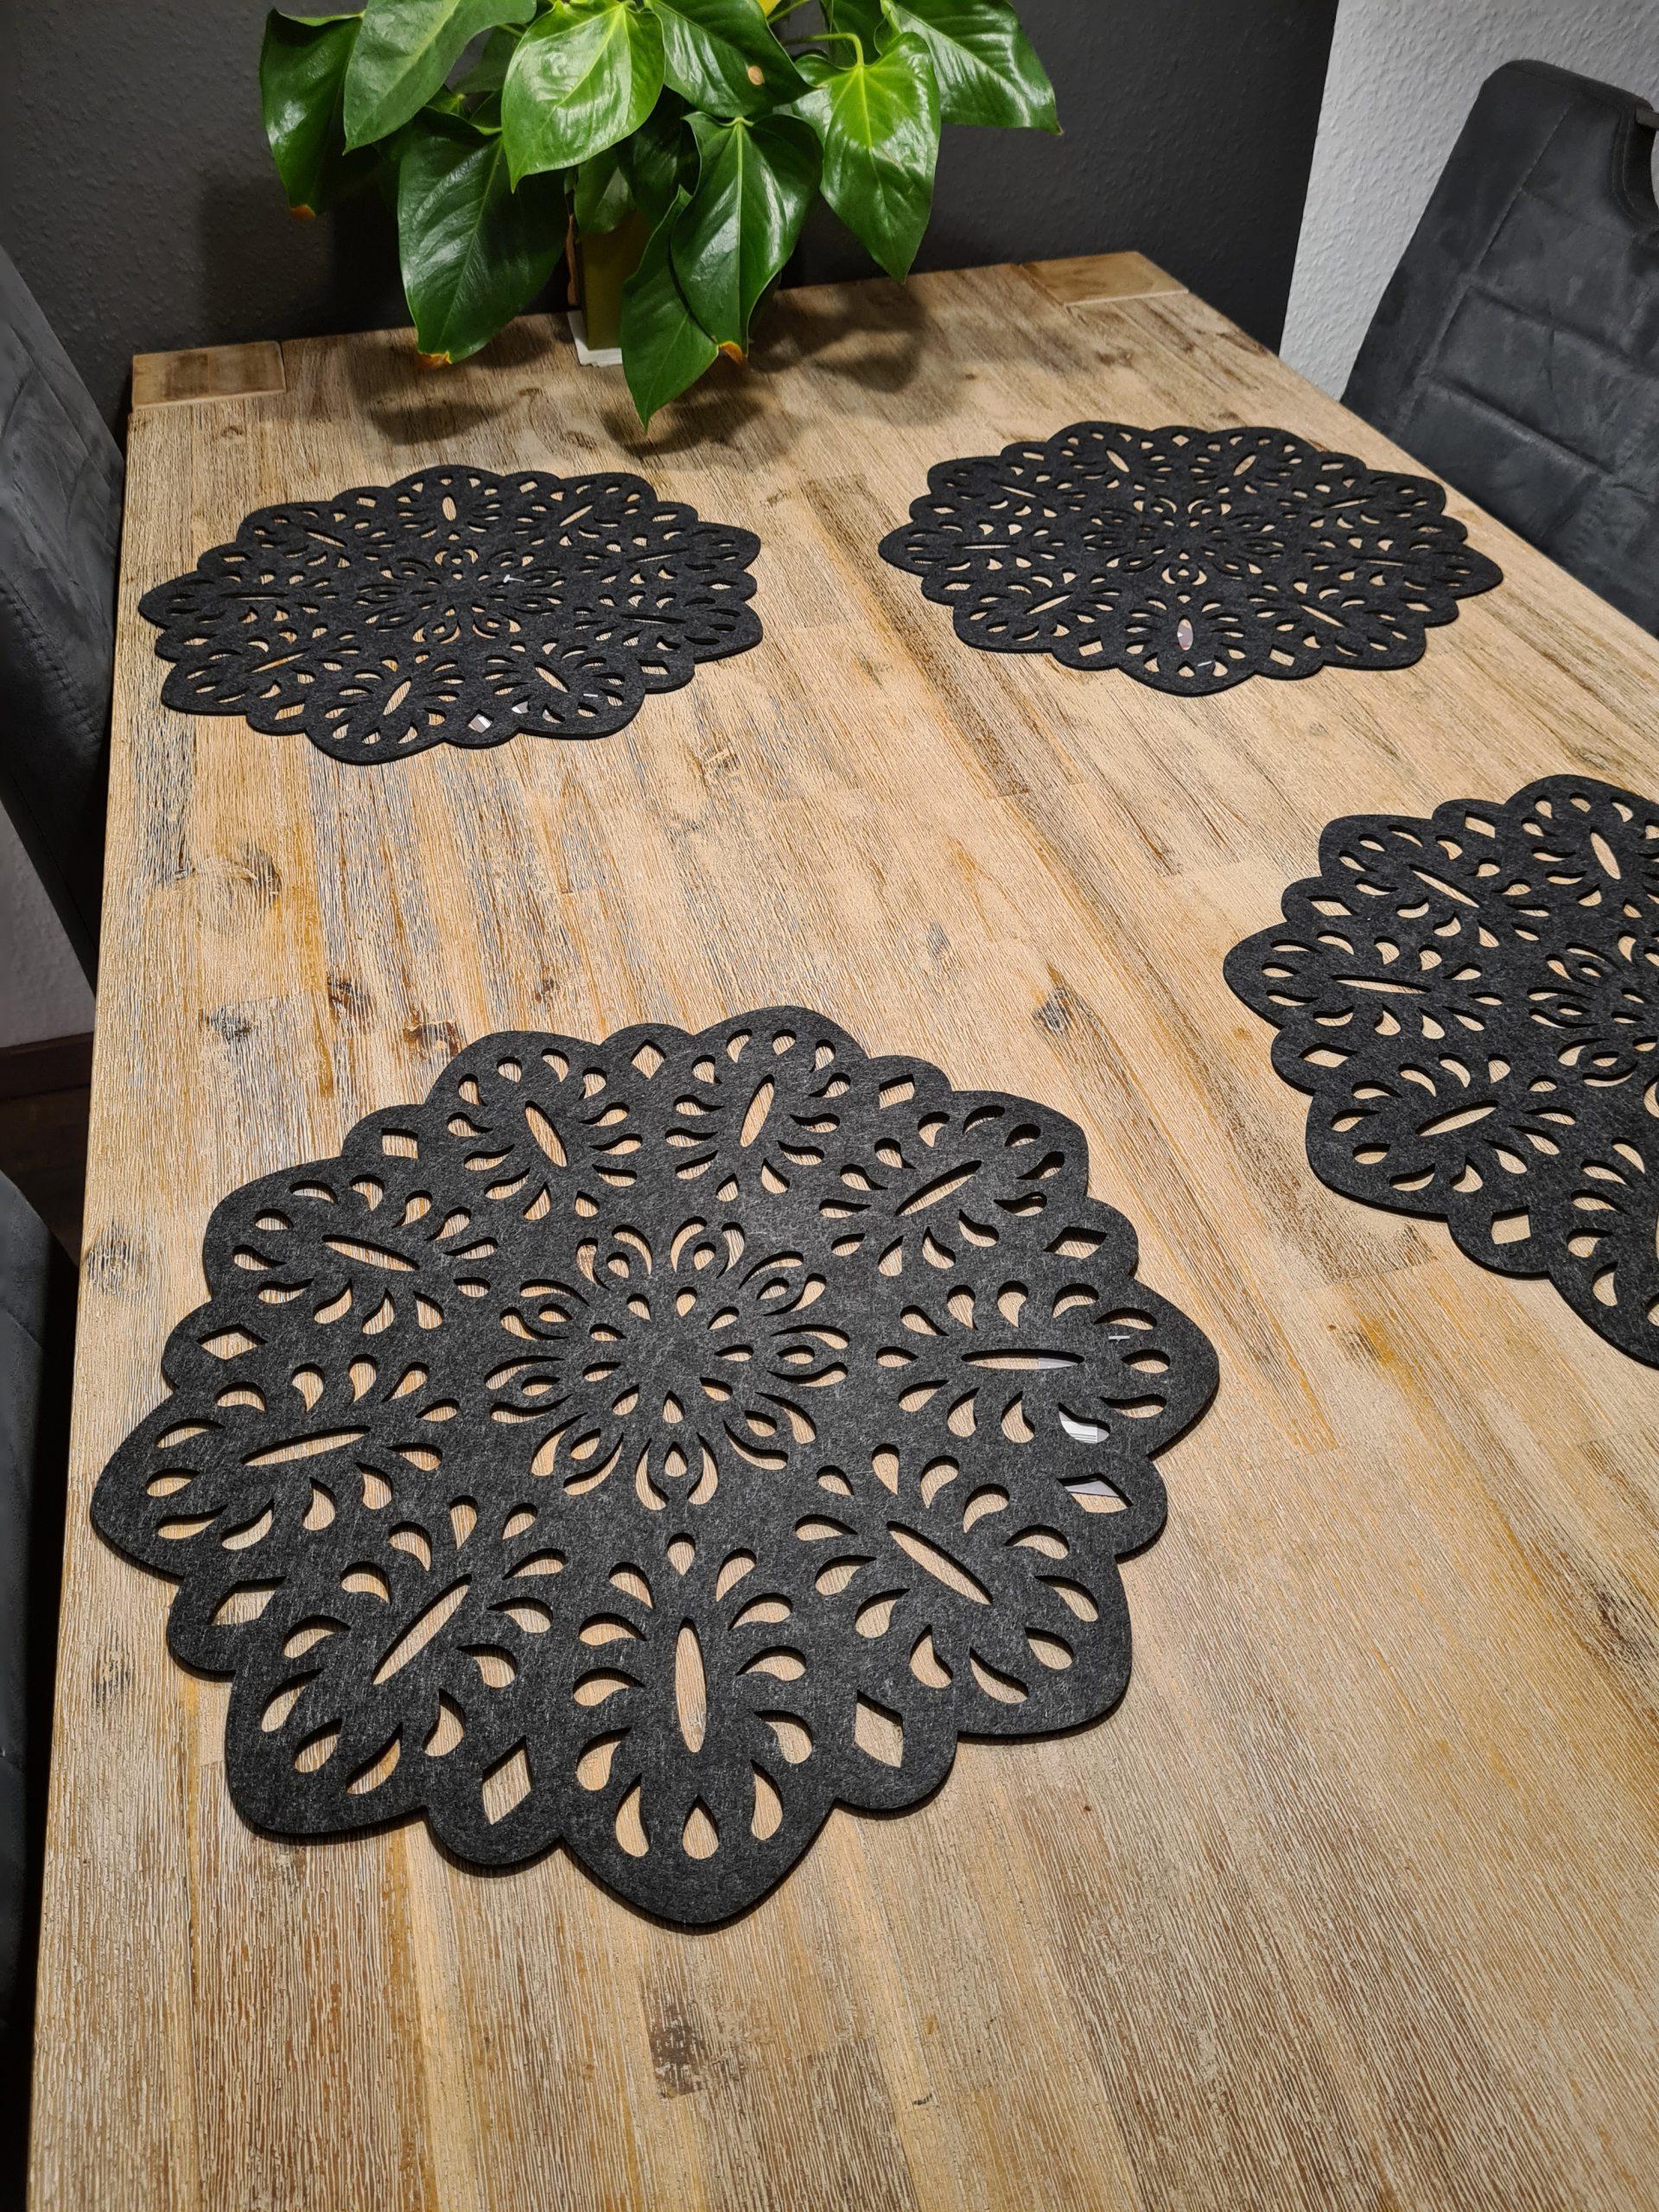 schwarze Filz-Untersetzer mit Ausstanzungen auf Holztisch - Handgemachte individualisierbare Taschen, Körbe, Tischsets, Dekoartikel und mehr auf fideko.de der Onlineshop seit 2011